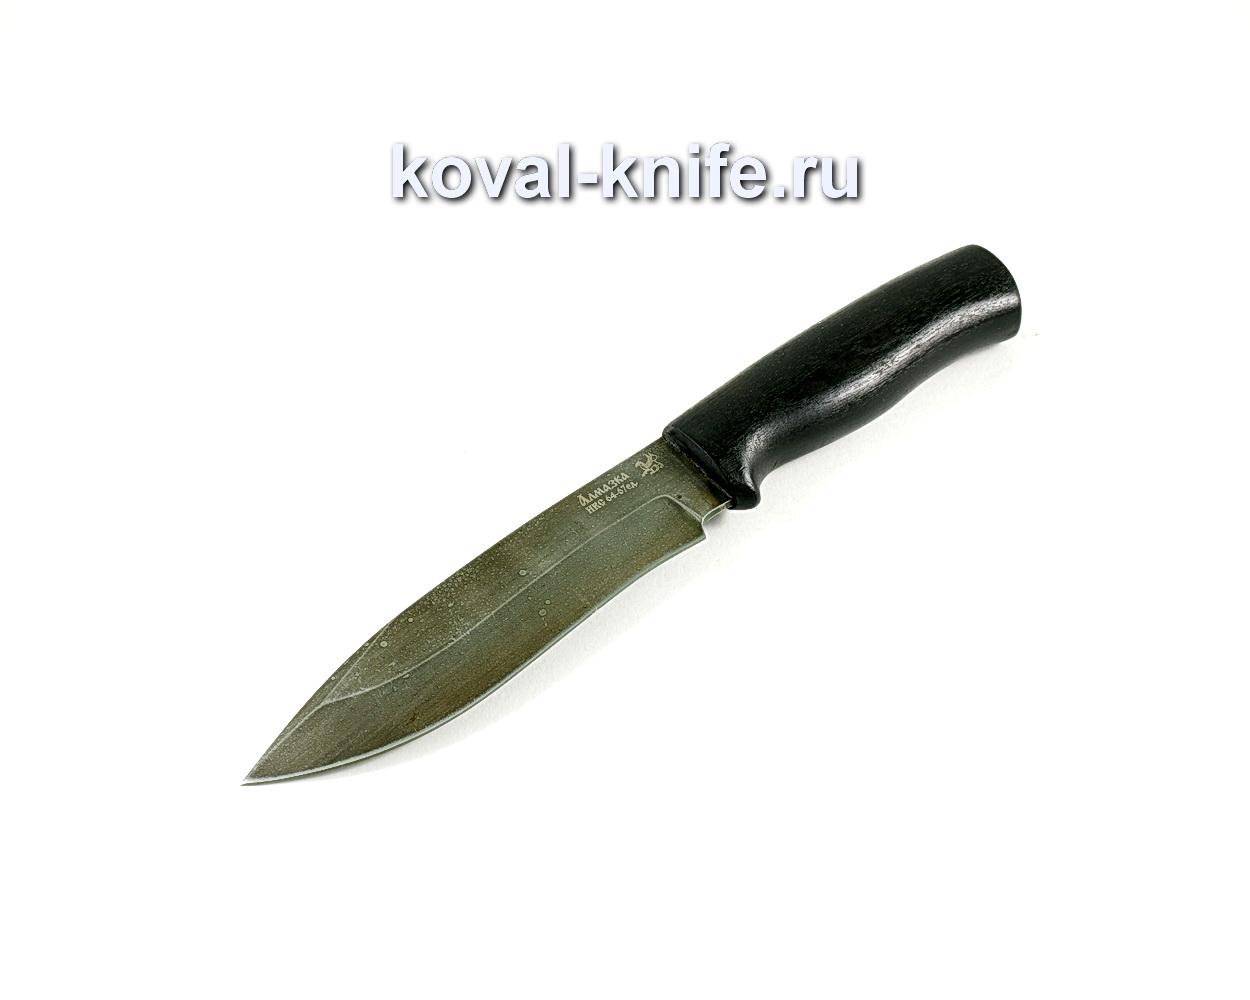 Нож Орлан (сталь ХВ5-Алмазка), рукоять граб A292